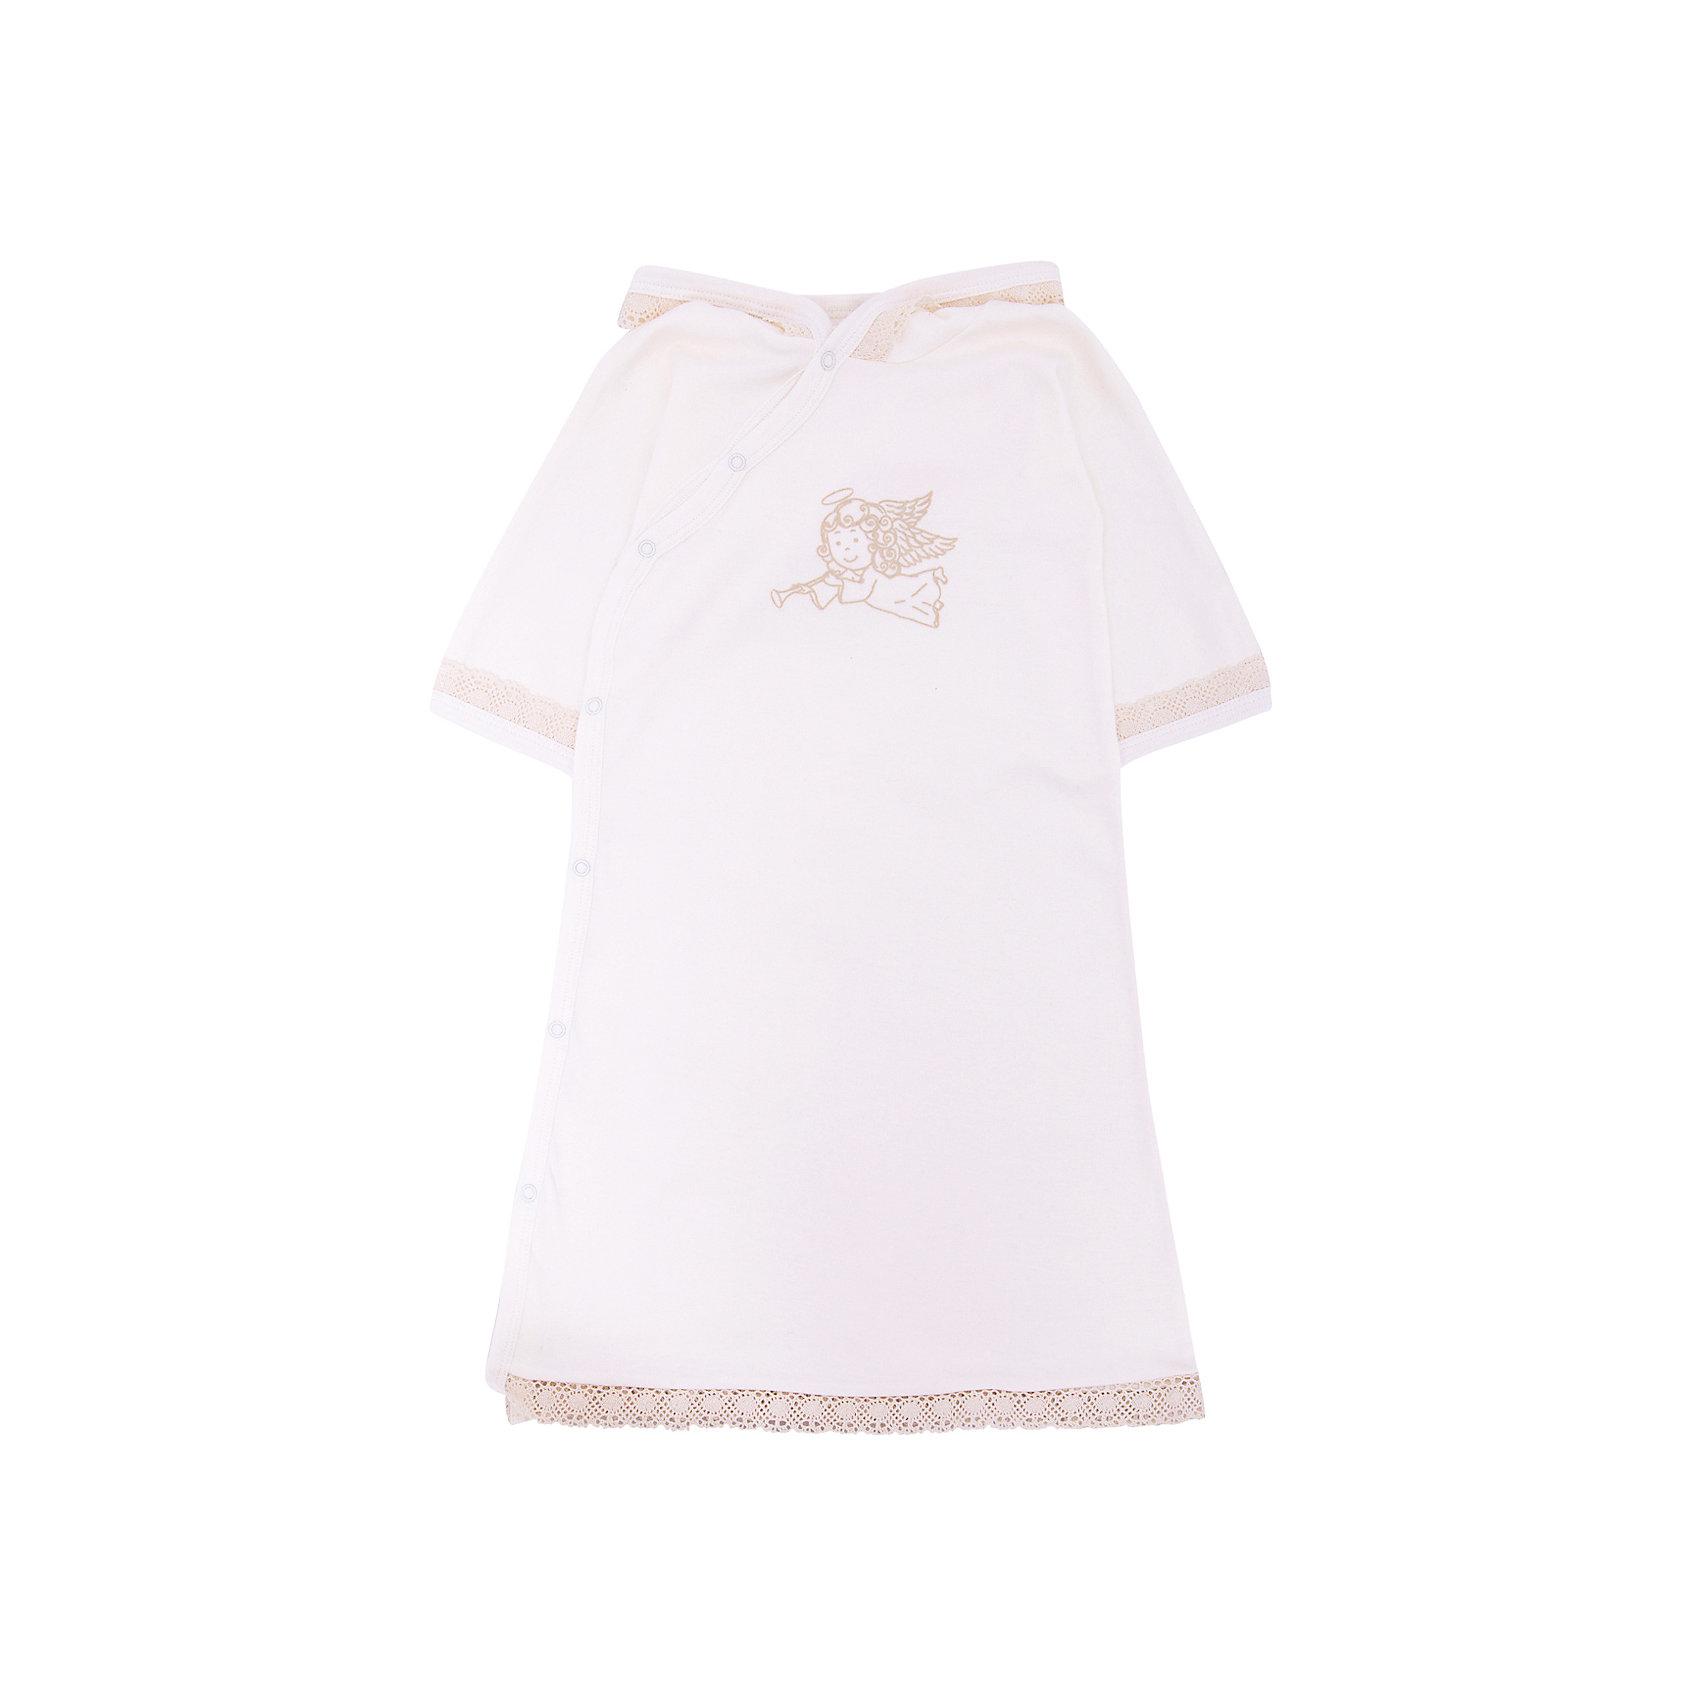 Крестильное платье с капюшоном, тесьма, р-р 86, NewBorn, белыйПлатья<br>Характеристики:<br><br>• Вид детской одежды: платье с капюшоном<br>• Предназначение: для крещения<br>• Коллекция: NewBorn<br>• Сезон: круглый год<br>• Пол: для девочки<br>• Тематика рисунка: ангелы<br>• Размер: 86<br>• Цвет: белый, золотистый<br>• Материал: трикотаж, хлопок<br>• Длина рукава: короткие<br>• Запах: спереди<br>• Застежка: спереди на кнопке<br>• Наличие капюшона<br>• Декорировано широкой тесьмой из шитья <br>• Передняя полочка украшена термонаклейкой в виде ангела<br>• Особенности ухода: допускается деликатная стирка без использования красящих и отбеливающих средств<br><br>Крестильное платье с капюшоном, тесьма, р-р 86, NewBorn, белый из коллекции NewBorn от отечественного швейного производства ТексПром предназначено для создания праздничного образа девочки во время торжественного обряда крещения. Платье представлено в коллекции NewBorn, которая сочетает в себе классические и современные тенденции в мире моды для новорожденных, при этом при технологии изготовления детской одежды сохраняются самые лучшие традиции: свободный крой, внешние швы и натуральные ткани. Платье с короткими рукавами и капюшоном выполнено из трикотажа, все края обработаны трикотажной бейкой золотистого цвета. Изделие имеет передний запах с застежками на кнопках, что обеспечивает его легкое одевание. Праздничный образ создается за счет отделки рукавов, капюшона и низа платья широким кружевом золотистого цвета и термонаклейки на передней полочке в виде ангела. <br><br>Крестильное платье с капюшоном, тесьма, р-р 86, NewBorn, белый можно купить в нашем интернет-магазине.<br><br>Ширина мм: 220<br>Глубина мм: 5<br>Высота мм: 400<br>Вес г: 200<br>Возраст от месяцев: 12<br>Возраст до месяцев: 18<br>Пол: Женский<br>Возраст: Детский<br>SKU: 4912519